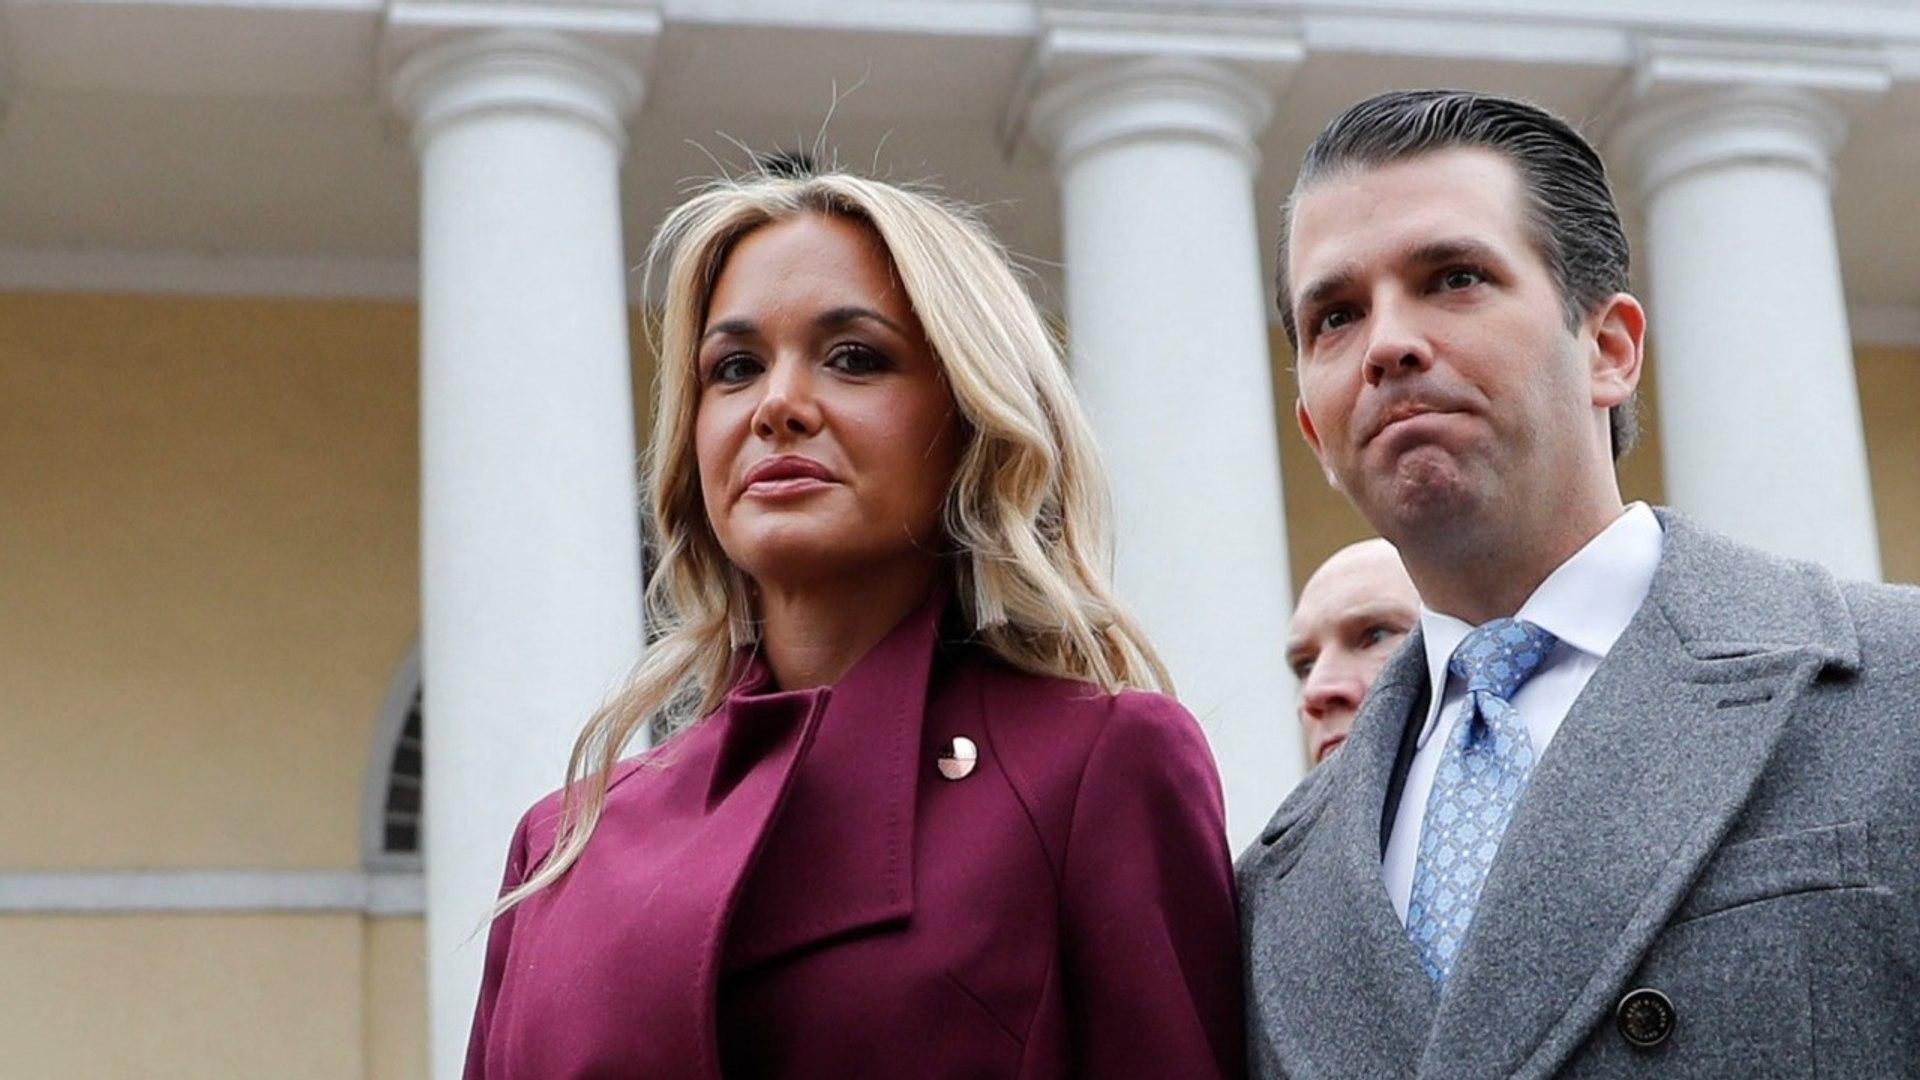 Vanessa Trump Files Divorce With Donald Trump Jr.